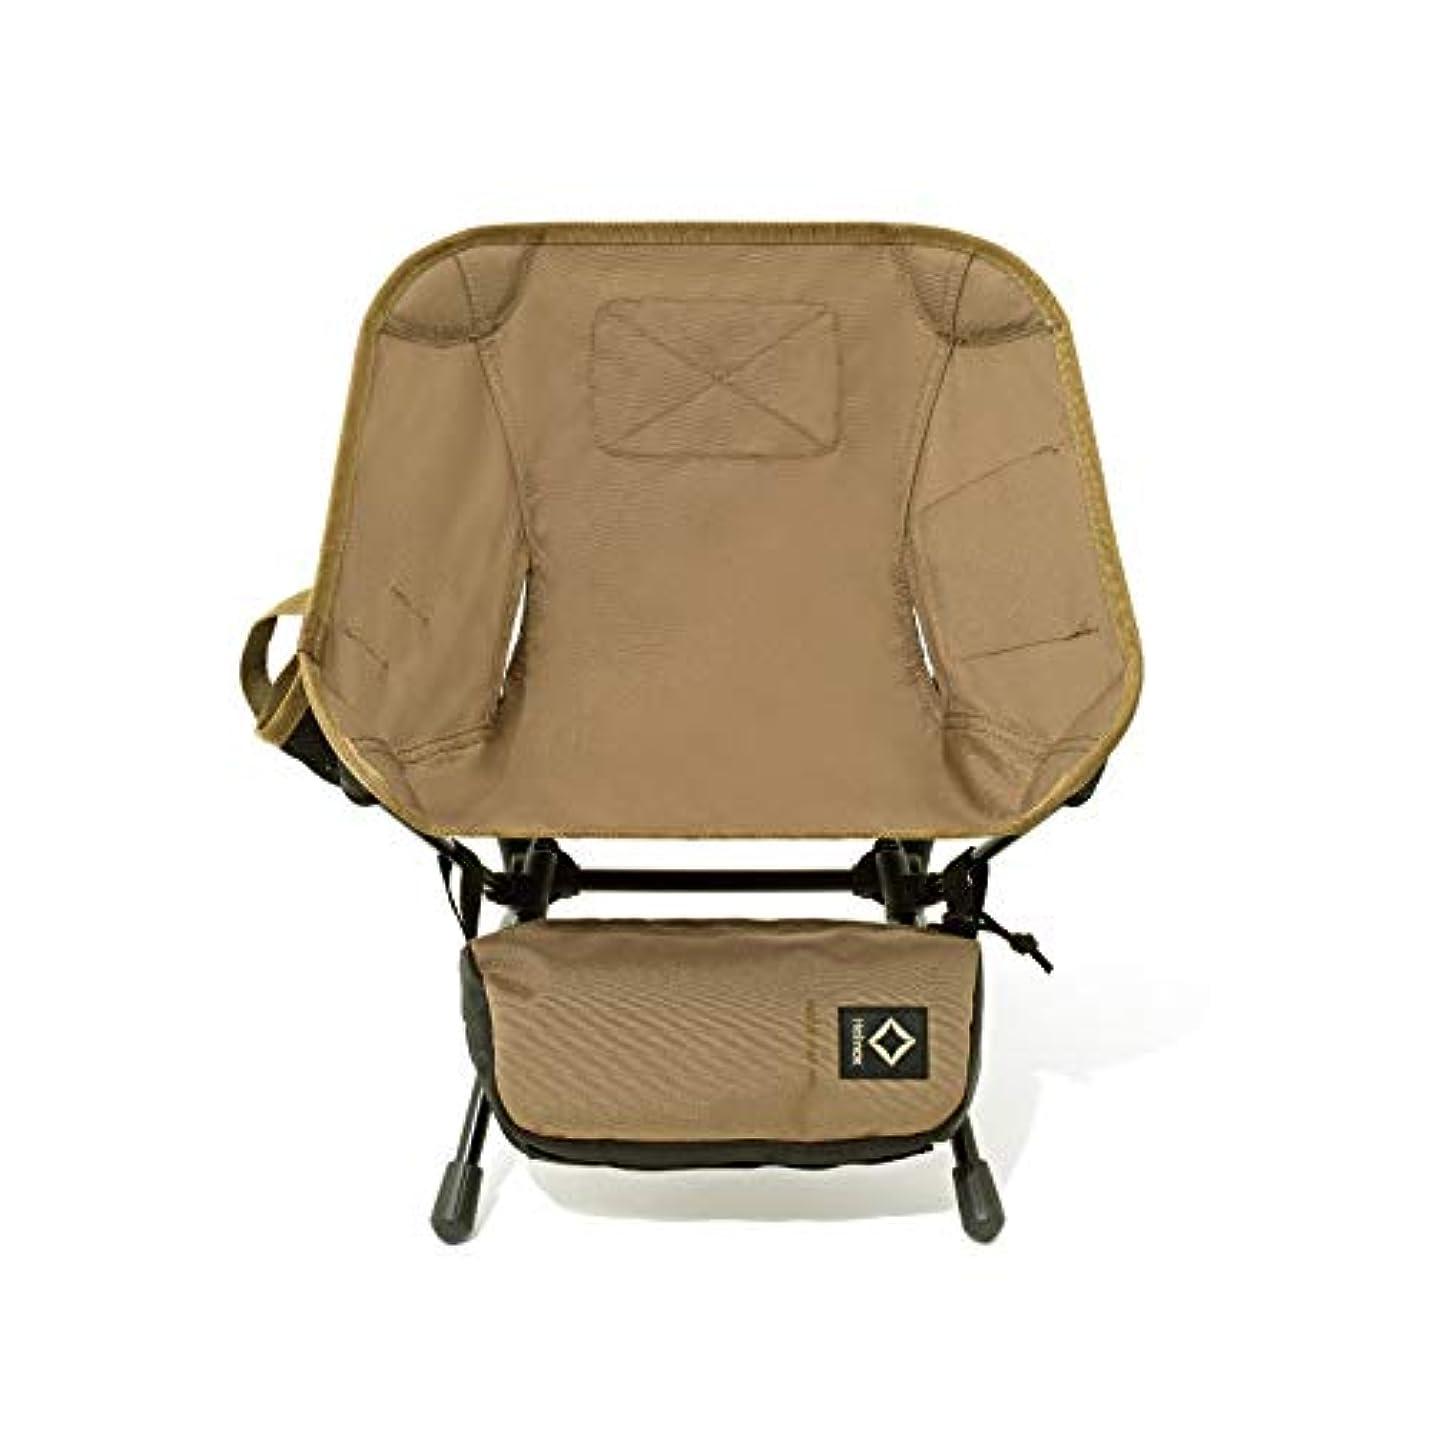 保有者甘美なおじさんHelinox(ヘリノックス) タクティカルチェアミニ コヨーテ Tactical Chair Mini Coyote Tan 12613 [並行輸入品]